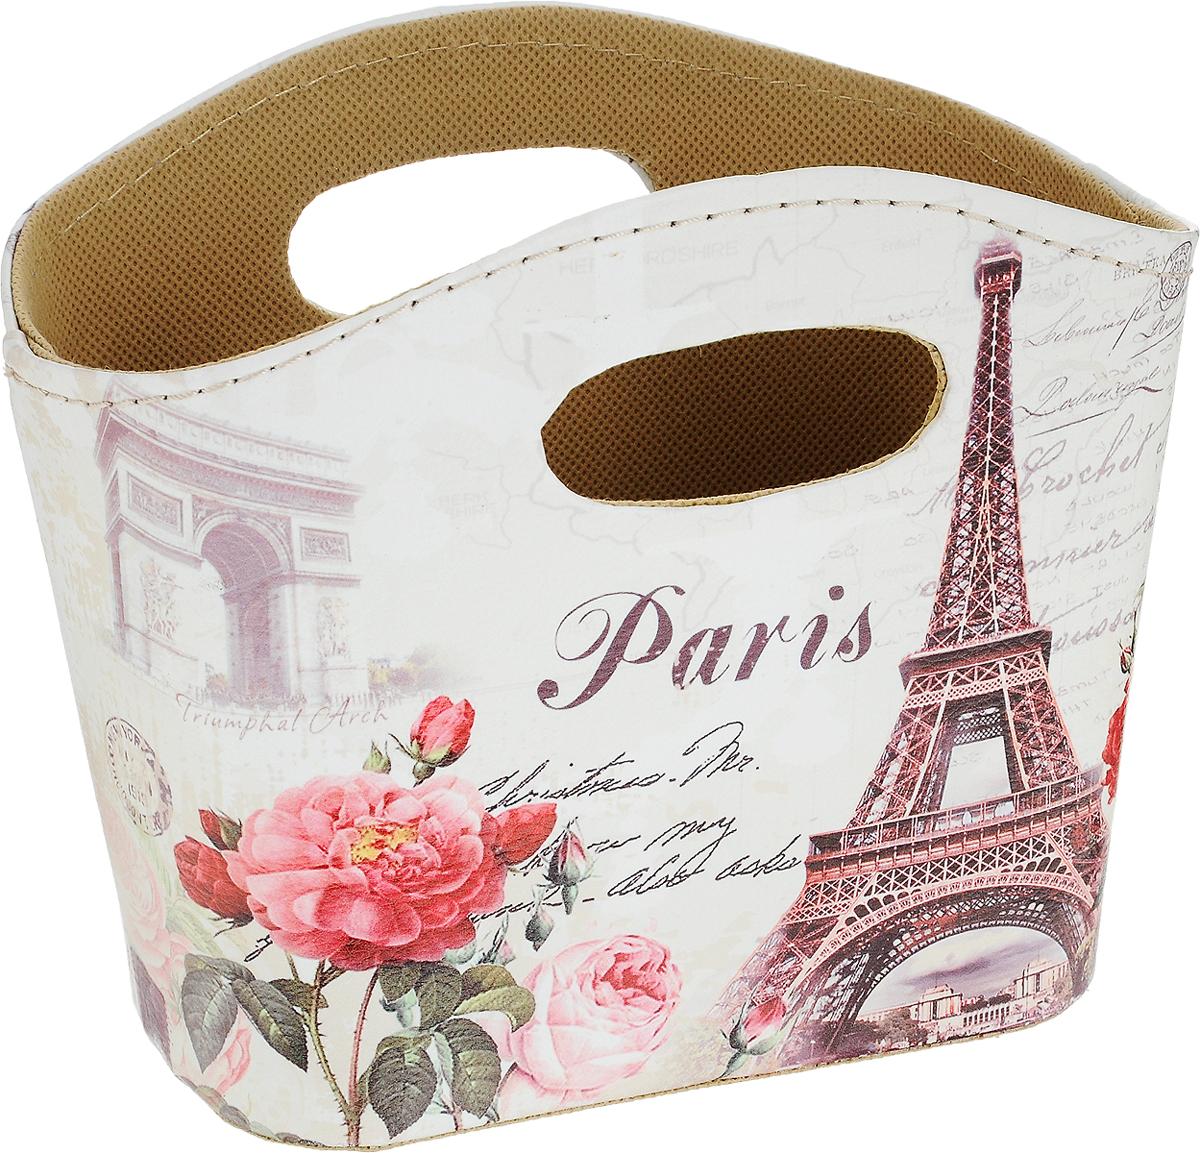 Корзина декоративная Win Max, 20 х 12 х 16 см. 8440984409Декоративную корзину Win Max с нежным рисунком, напоминающем о Париже, можно использовать как элемент декорирования и для хранения приятных мелочей. Корзина с двумя прорезными ручками, изнутри обтянута текстилем, поверхность из искусственной кожи легко очищается от пыли сухой мягкой тканью.